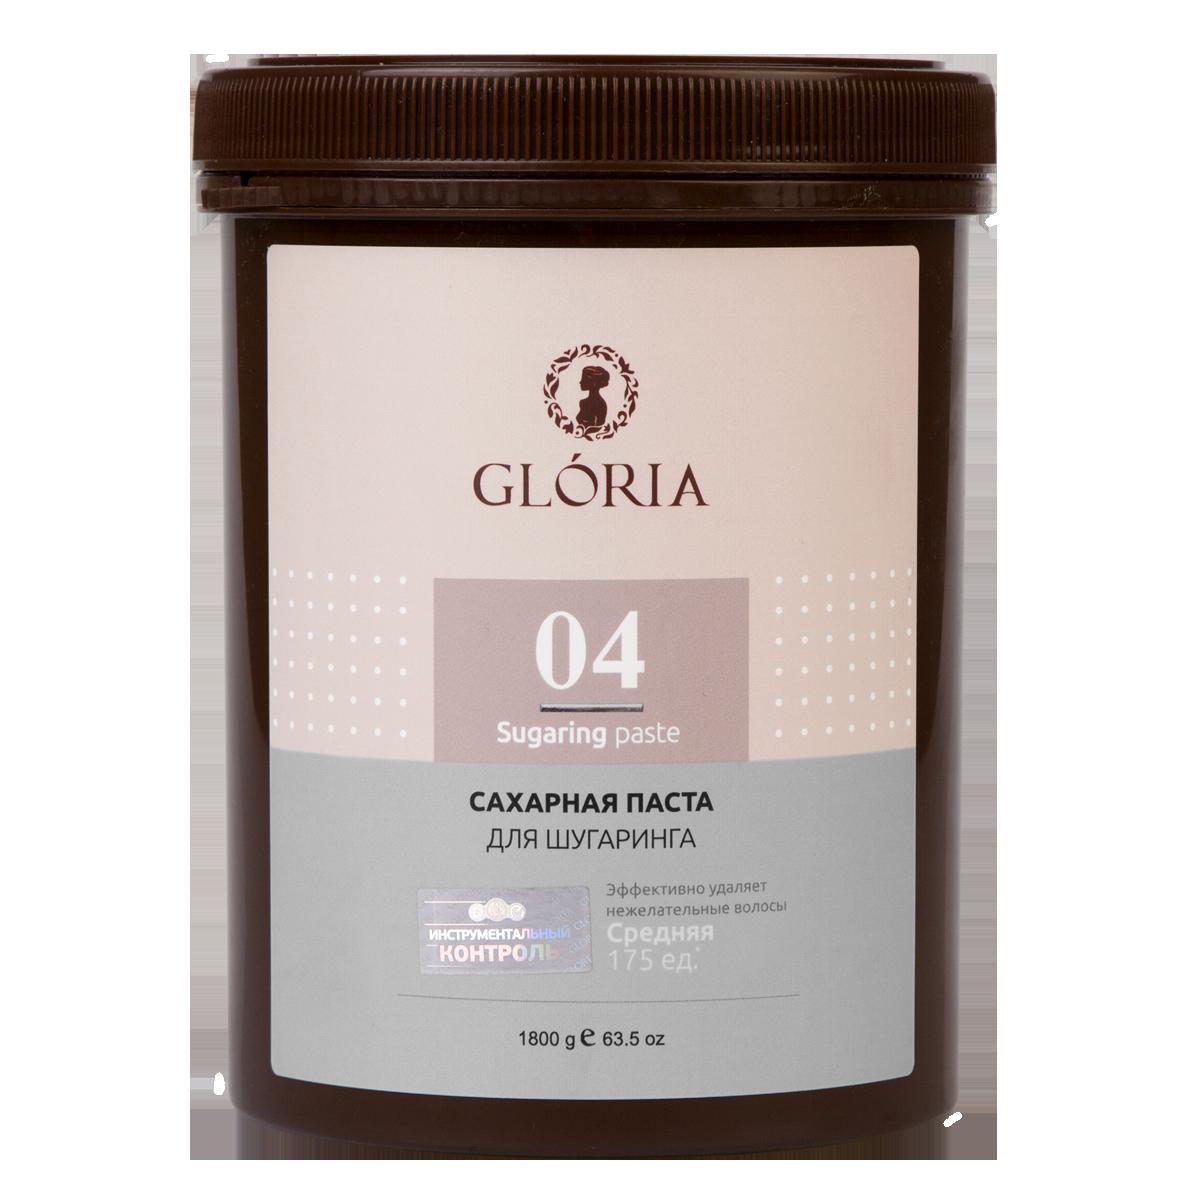 GLORIA Паста сахарная средняя для депиляции 1,8 кг - Сахарные пасты